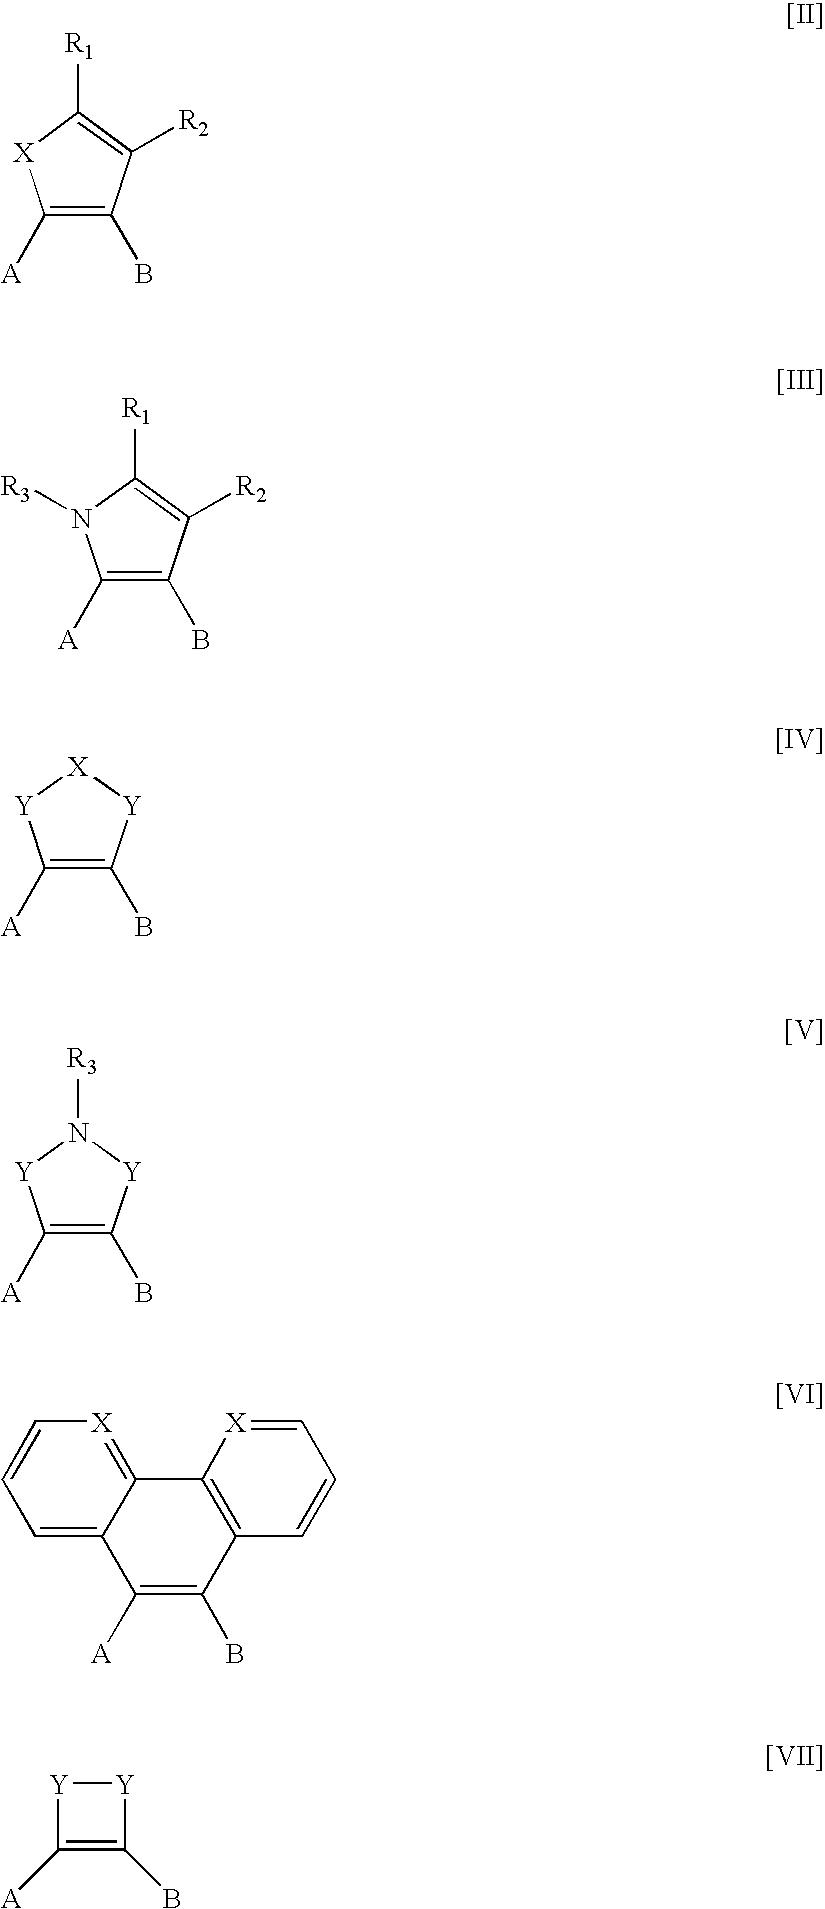 Figure US07572560-20090811-C00021